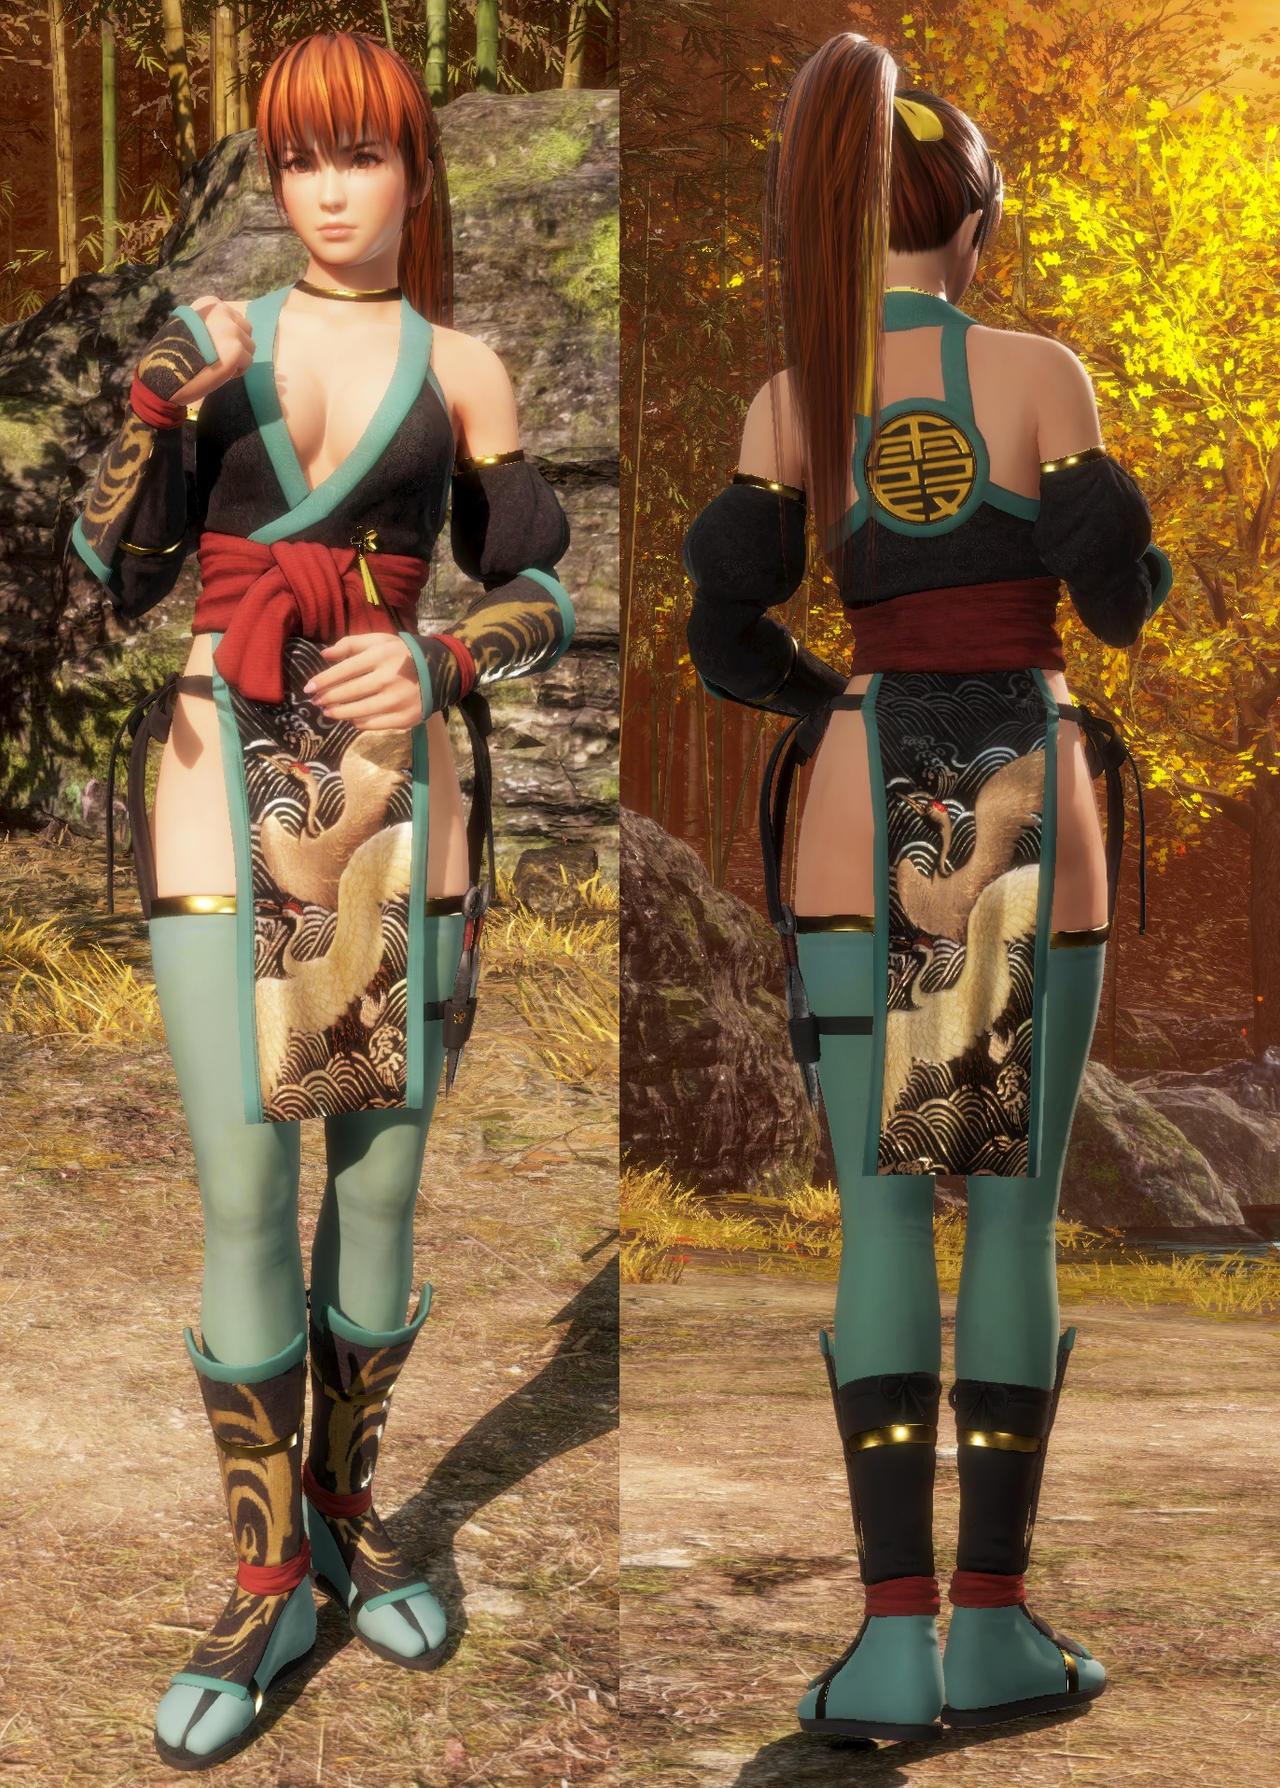 [Image: doa6_mod___phase_4_deluxe_costume_by_seg...exhO81X17I]